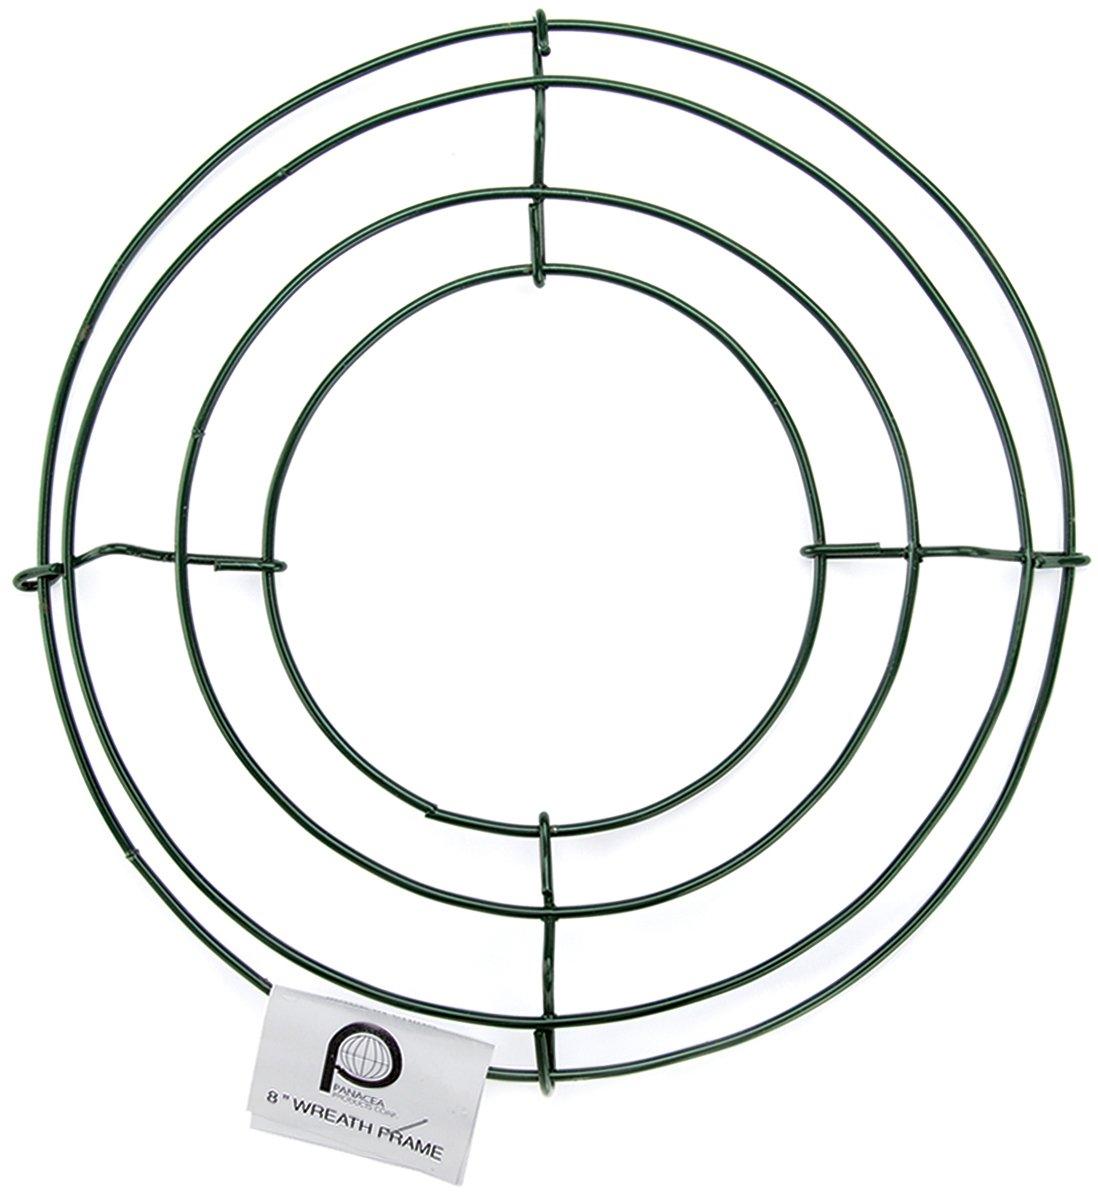 Wire Wreath Frame-8 Wire Wreath Frame-8 Panacea 36001